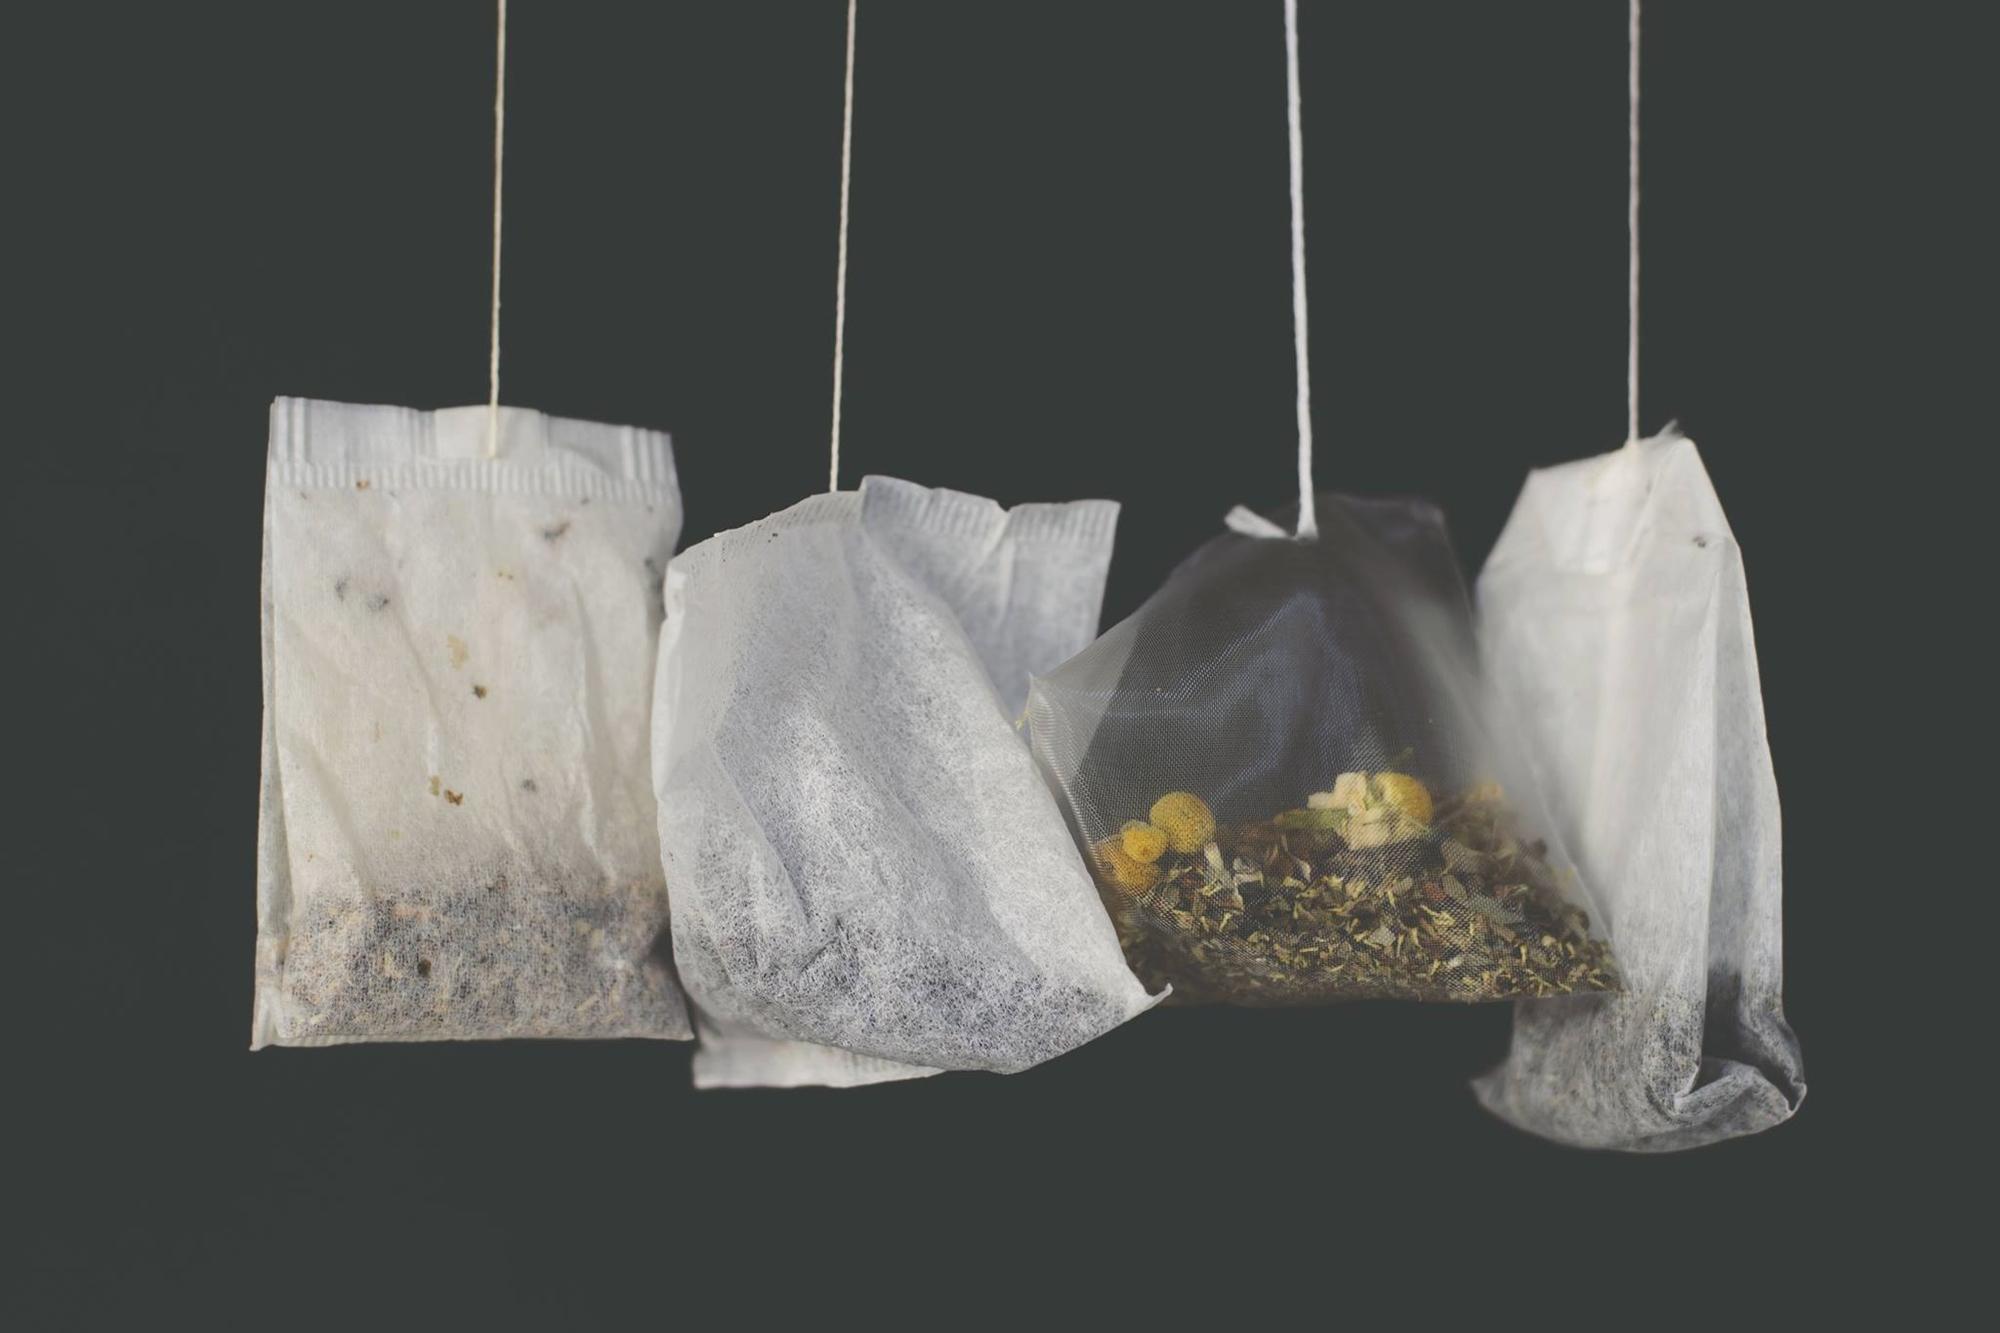 Los materiales biodegradables, muy presentes en las nuevas marcas. Foto: Facebook Orballo.